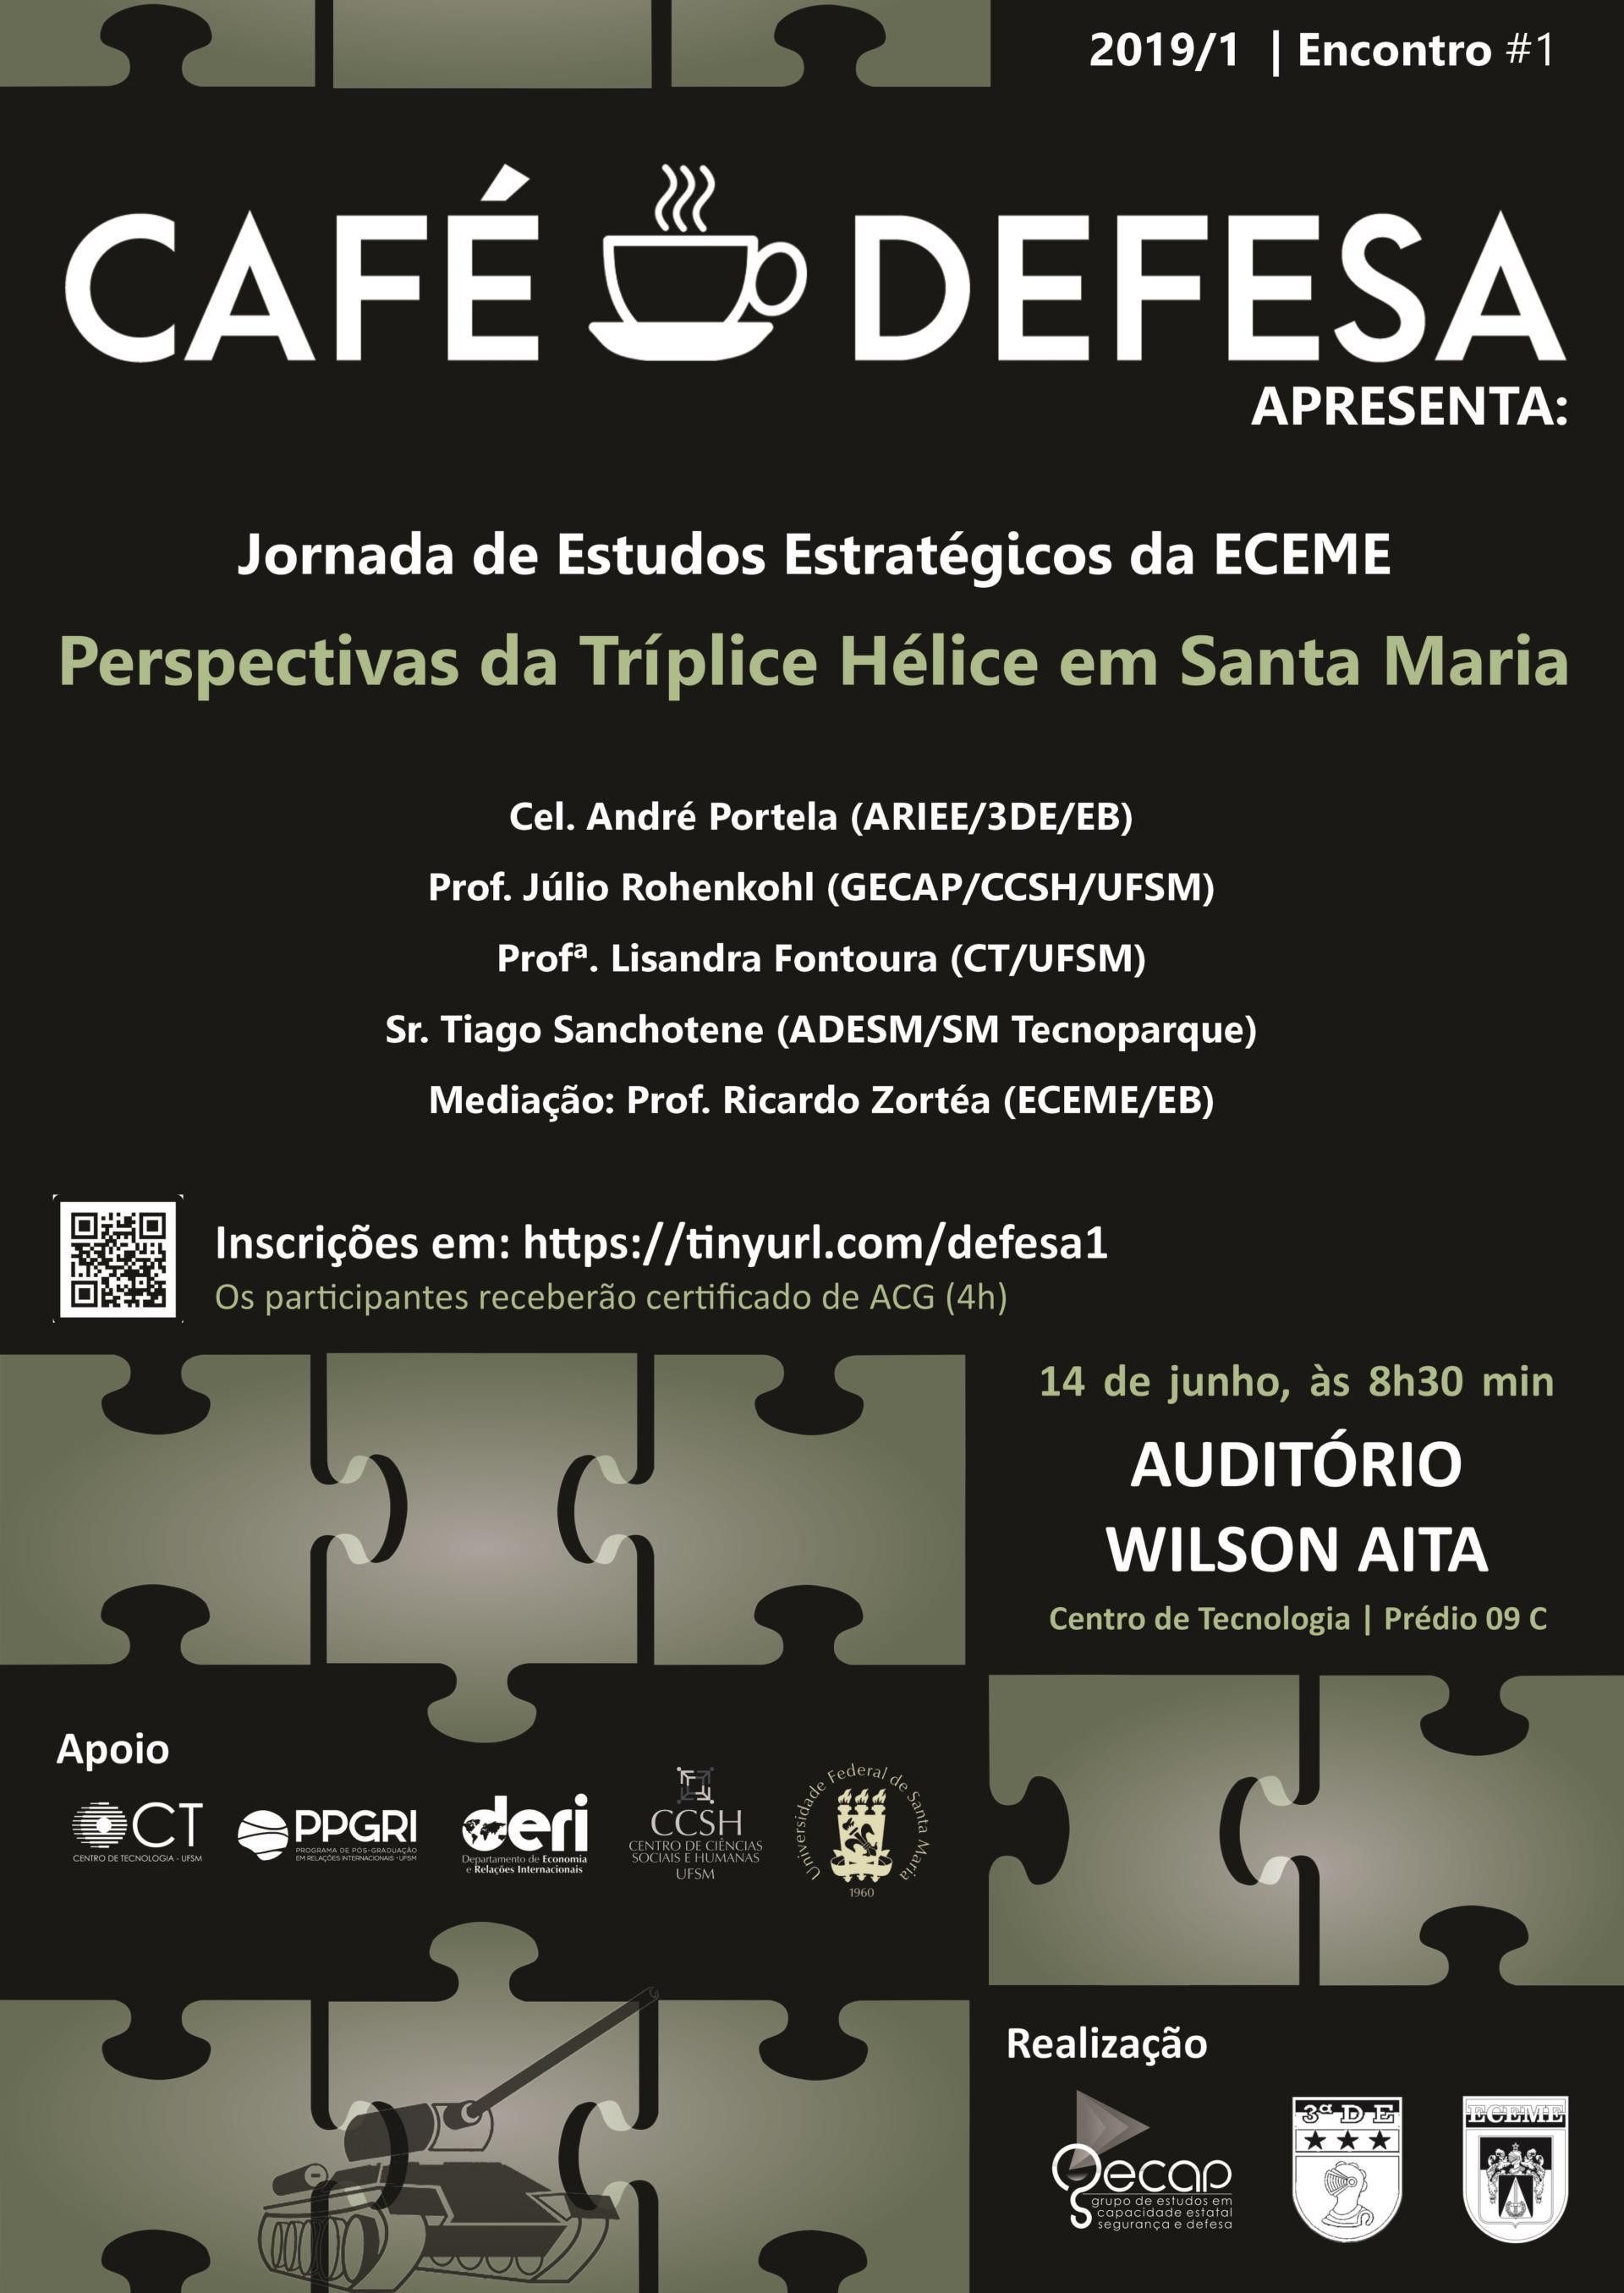 """Cartaz do evento com quebra-cabeças e destaque para o texto """"Café Defesa"""""""